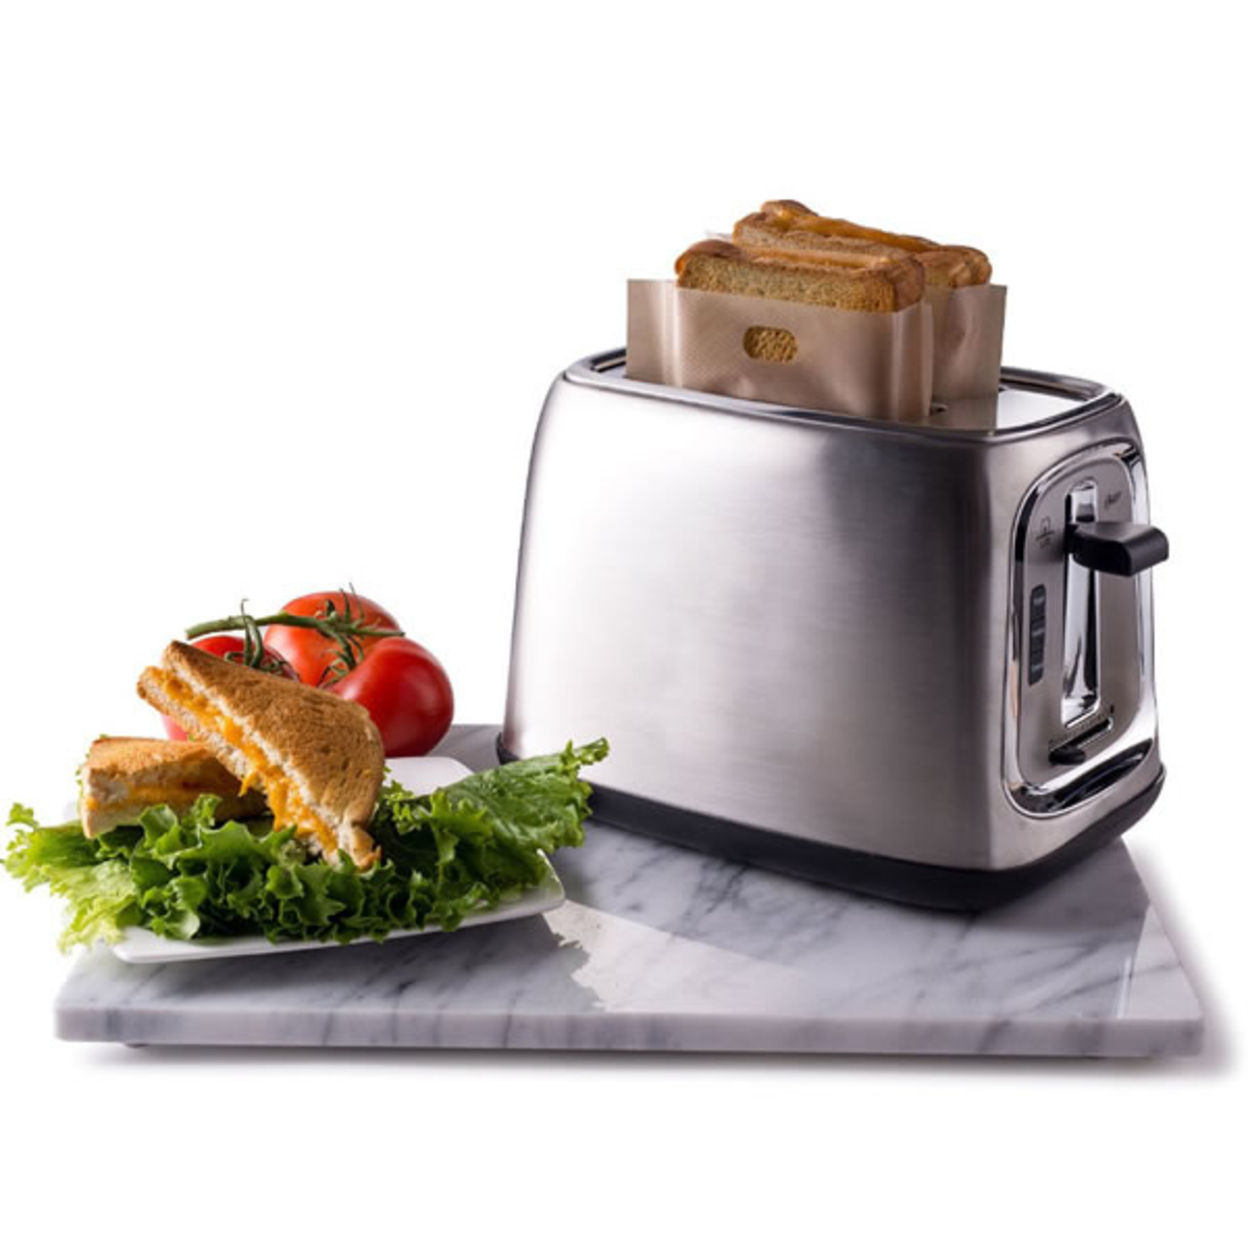 Toaster Bags (4-pack) 5762c3da6f3d6f7d5a8b45a1